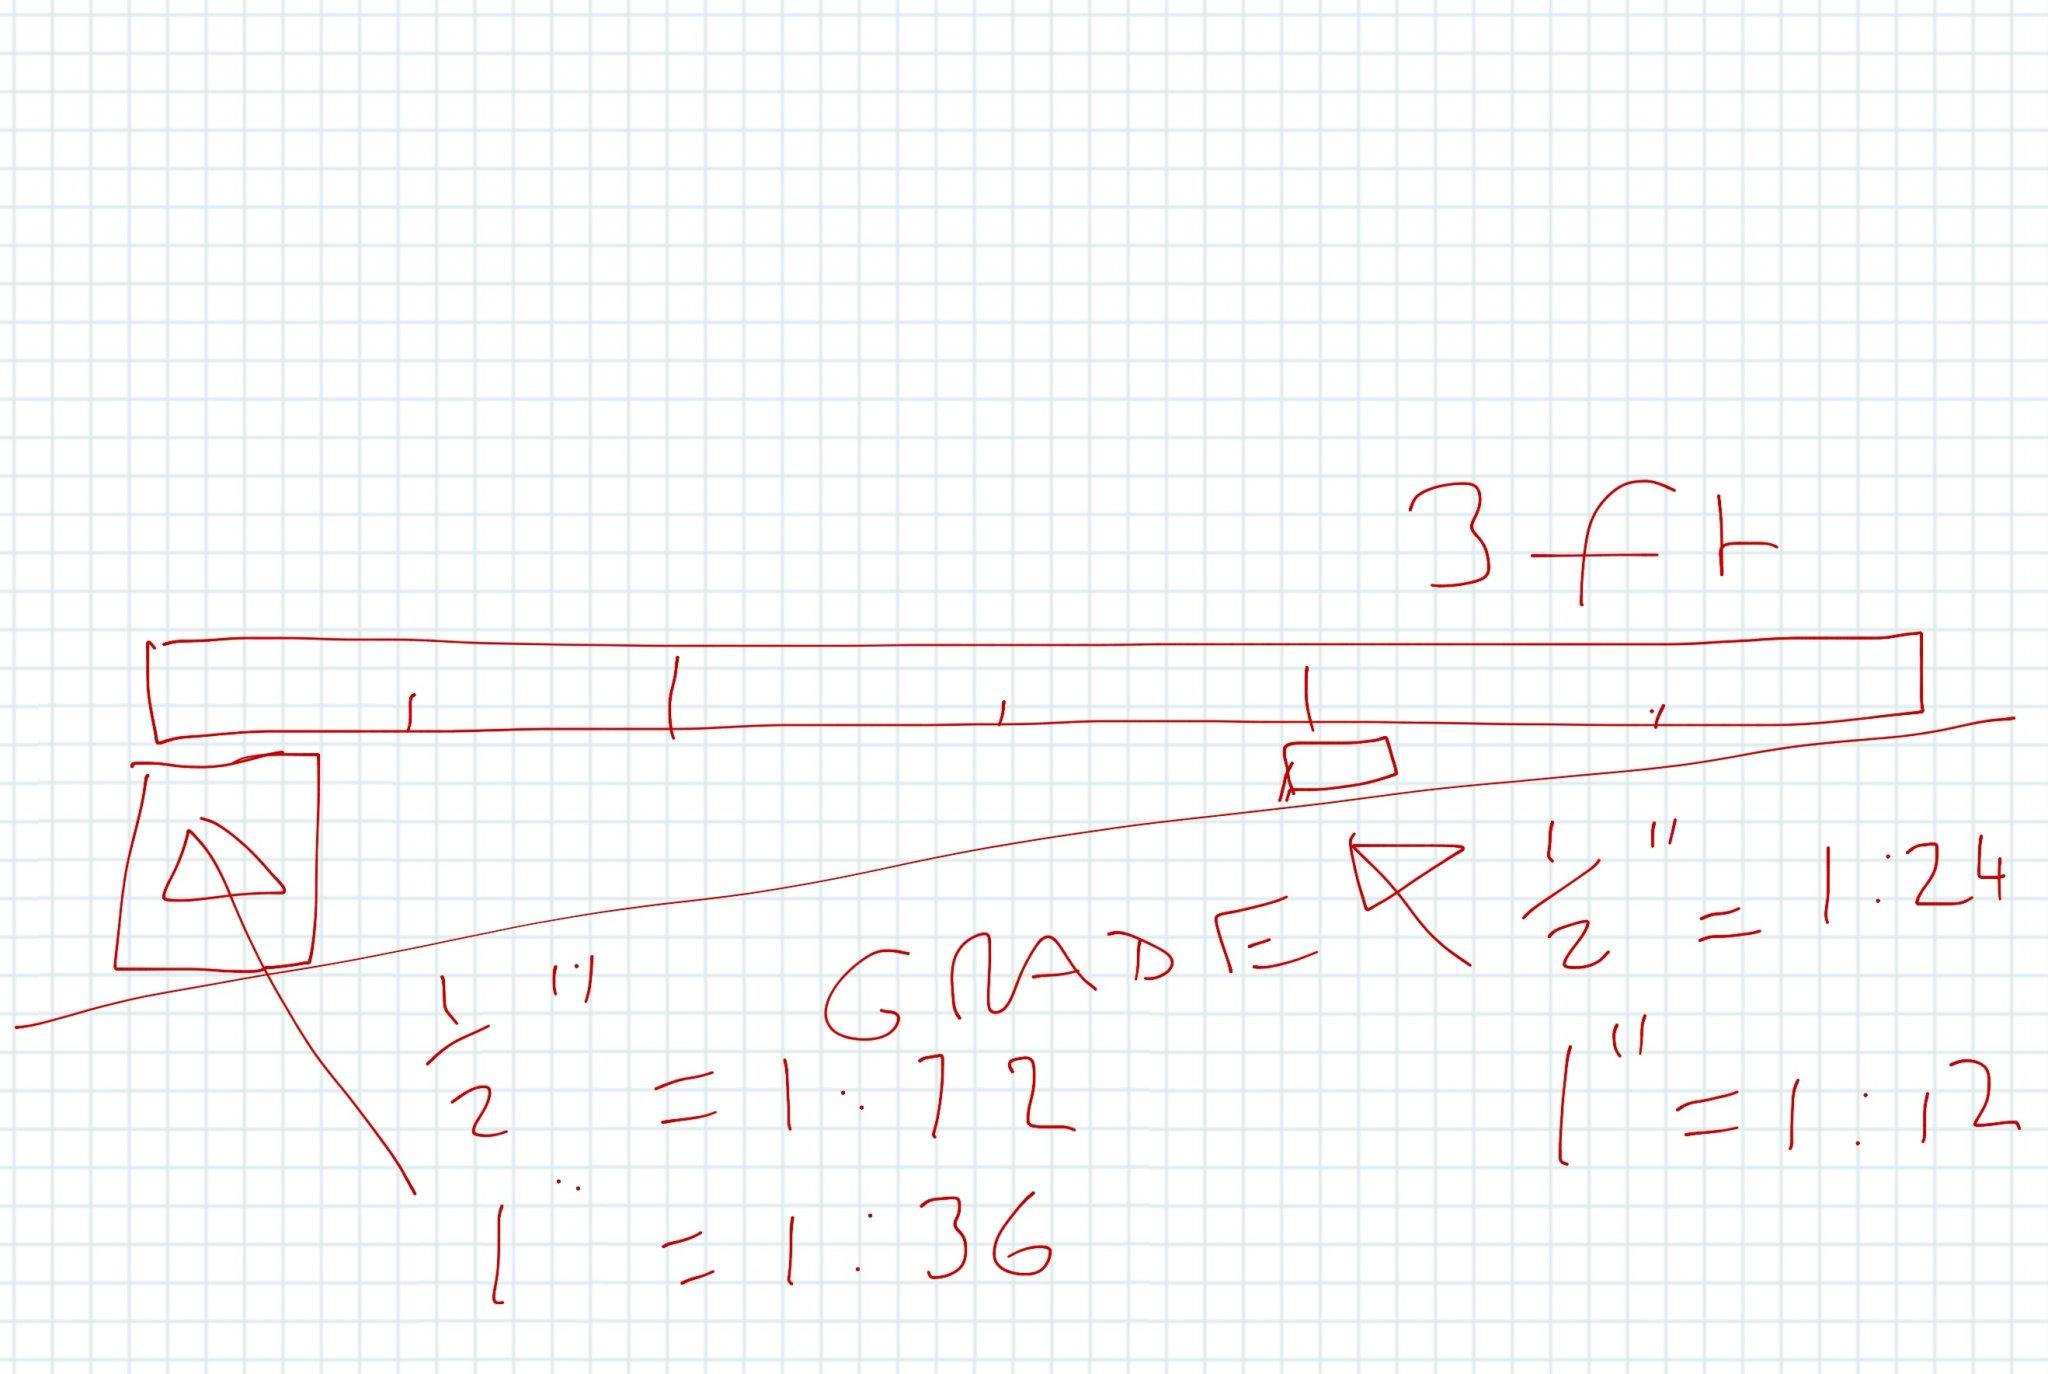 6530E97F-8A83-48B5-8F8F-01C6D1C72846.jpeg